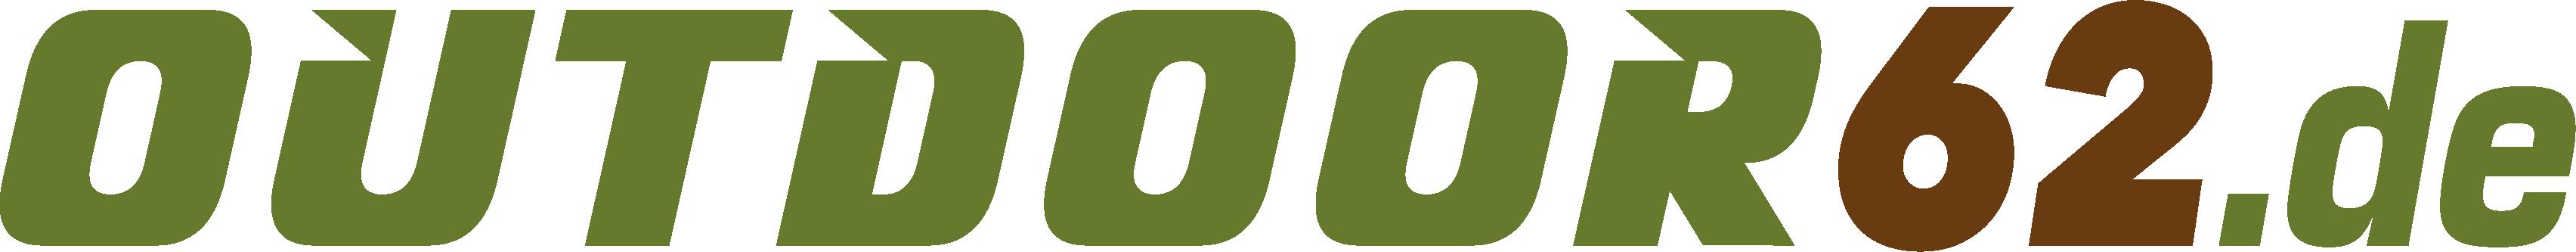 Outdoor62